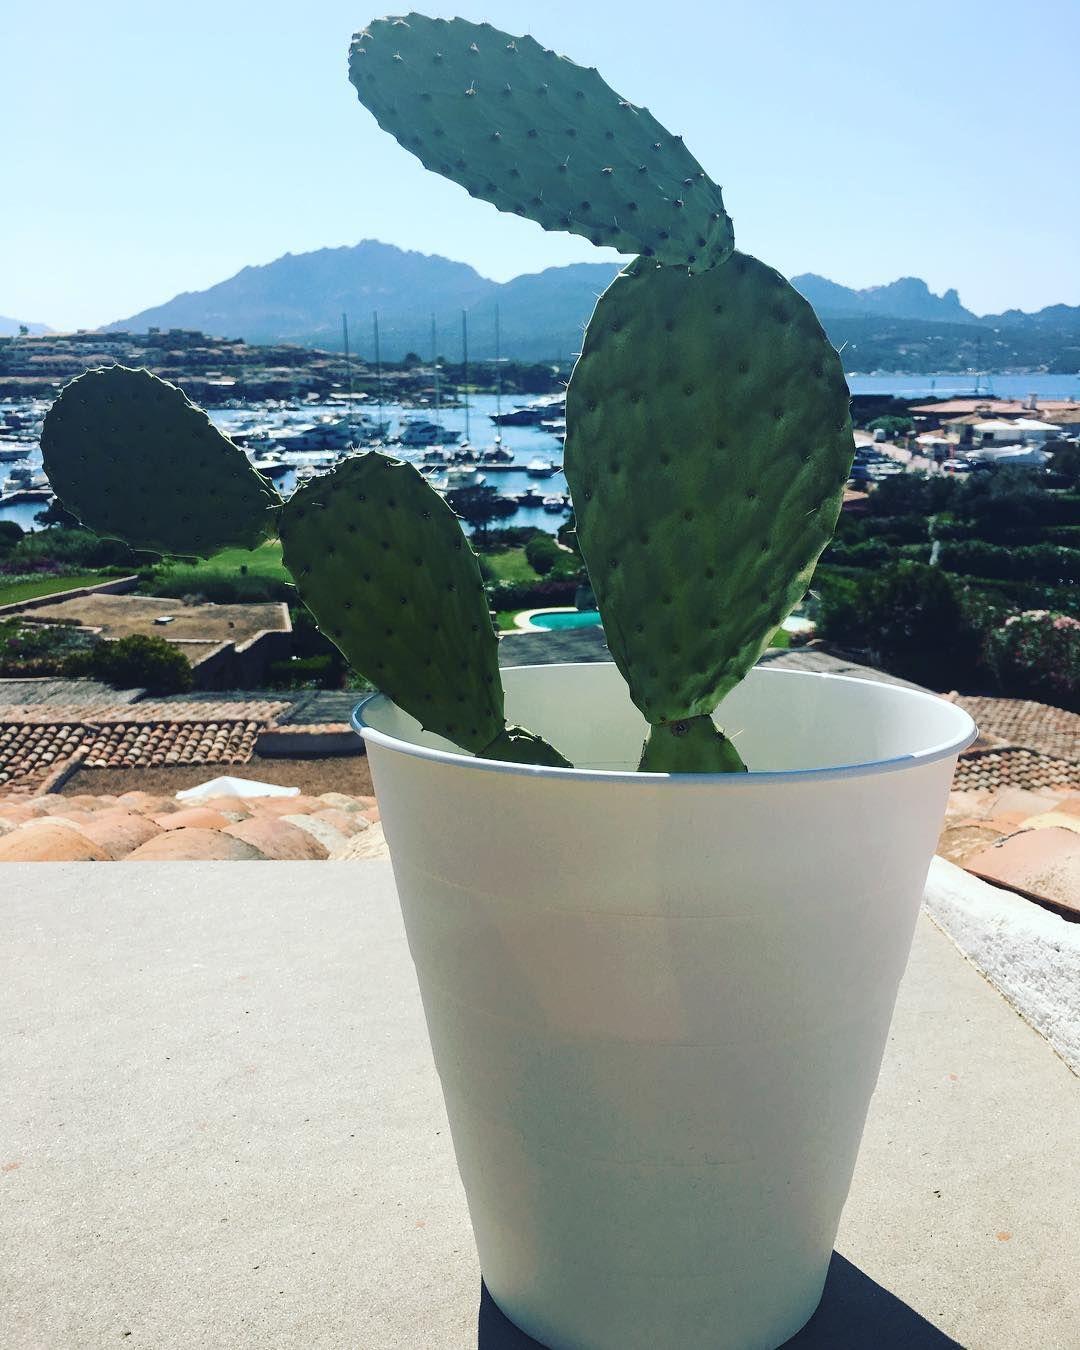 Estate e fichi d'India.  Oggi iniziano ufficialmente le vacanze! Sono volata in Sardegna per qualche giorno all'insegna del relax!